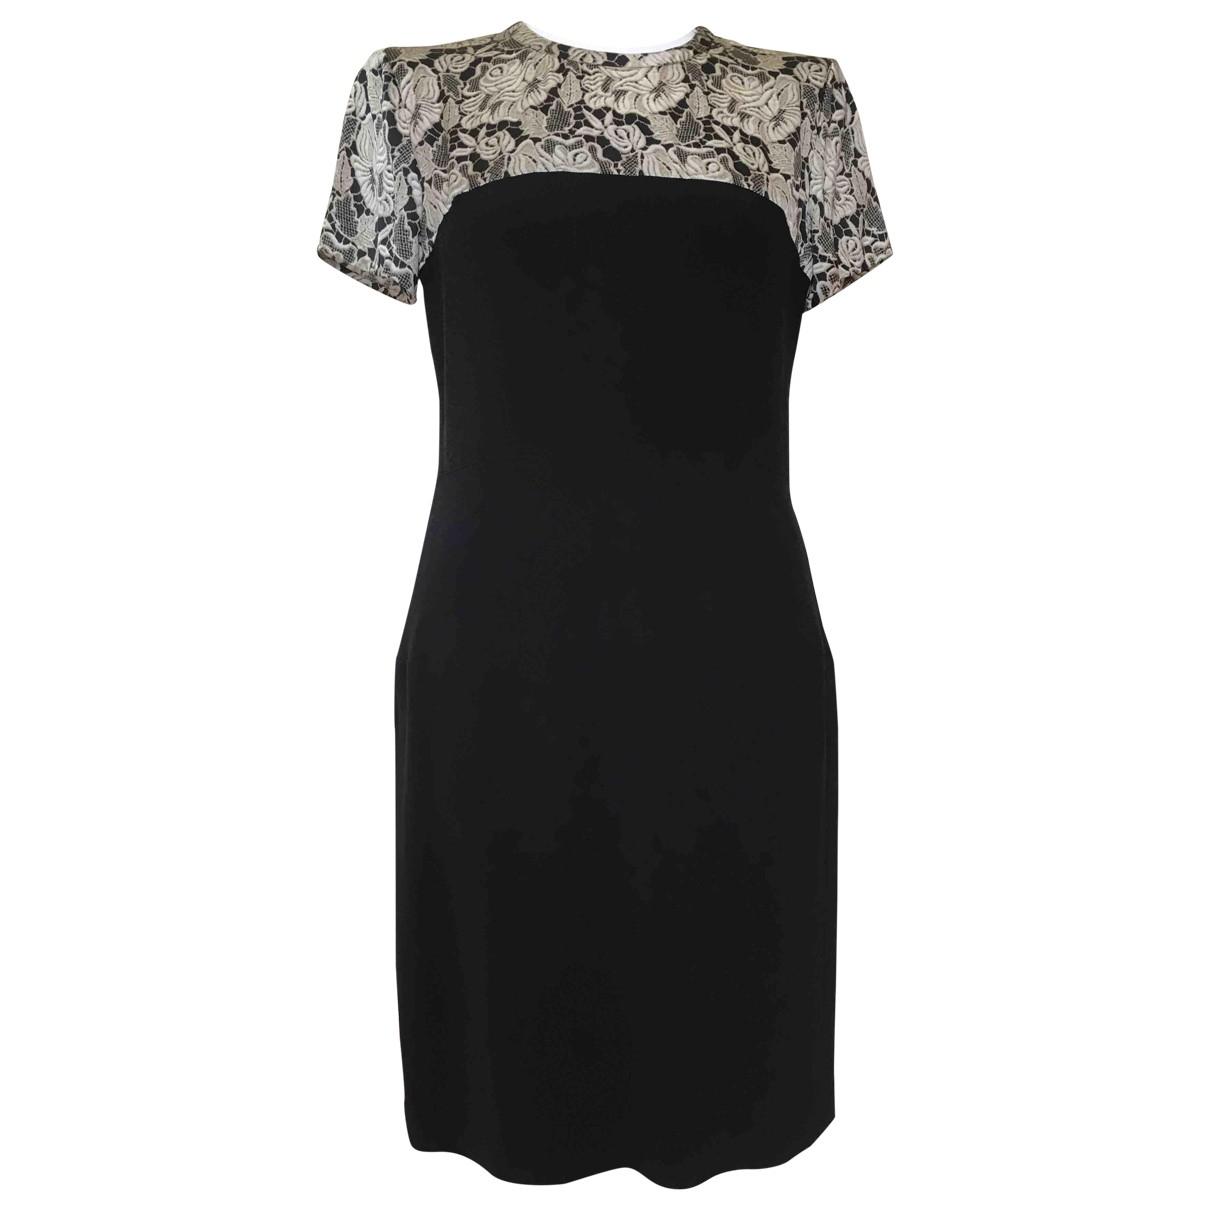 Stella Mccartney \N Black Silk dress for Women 42 IT